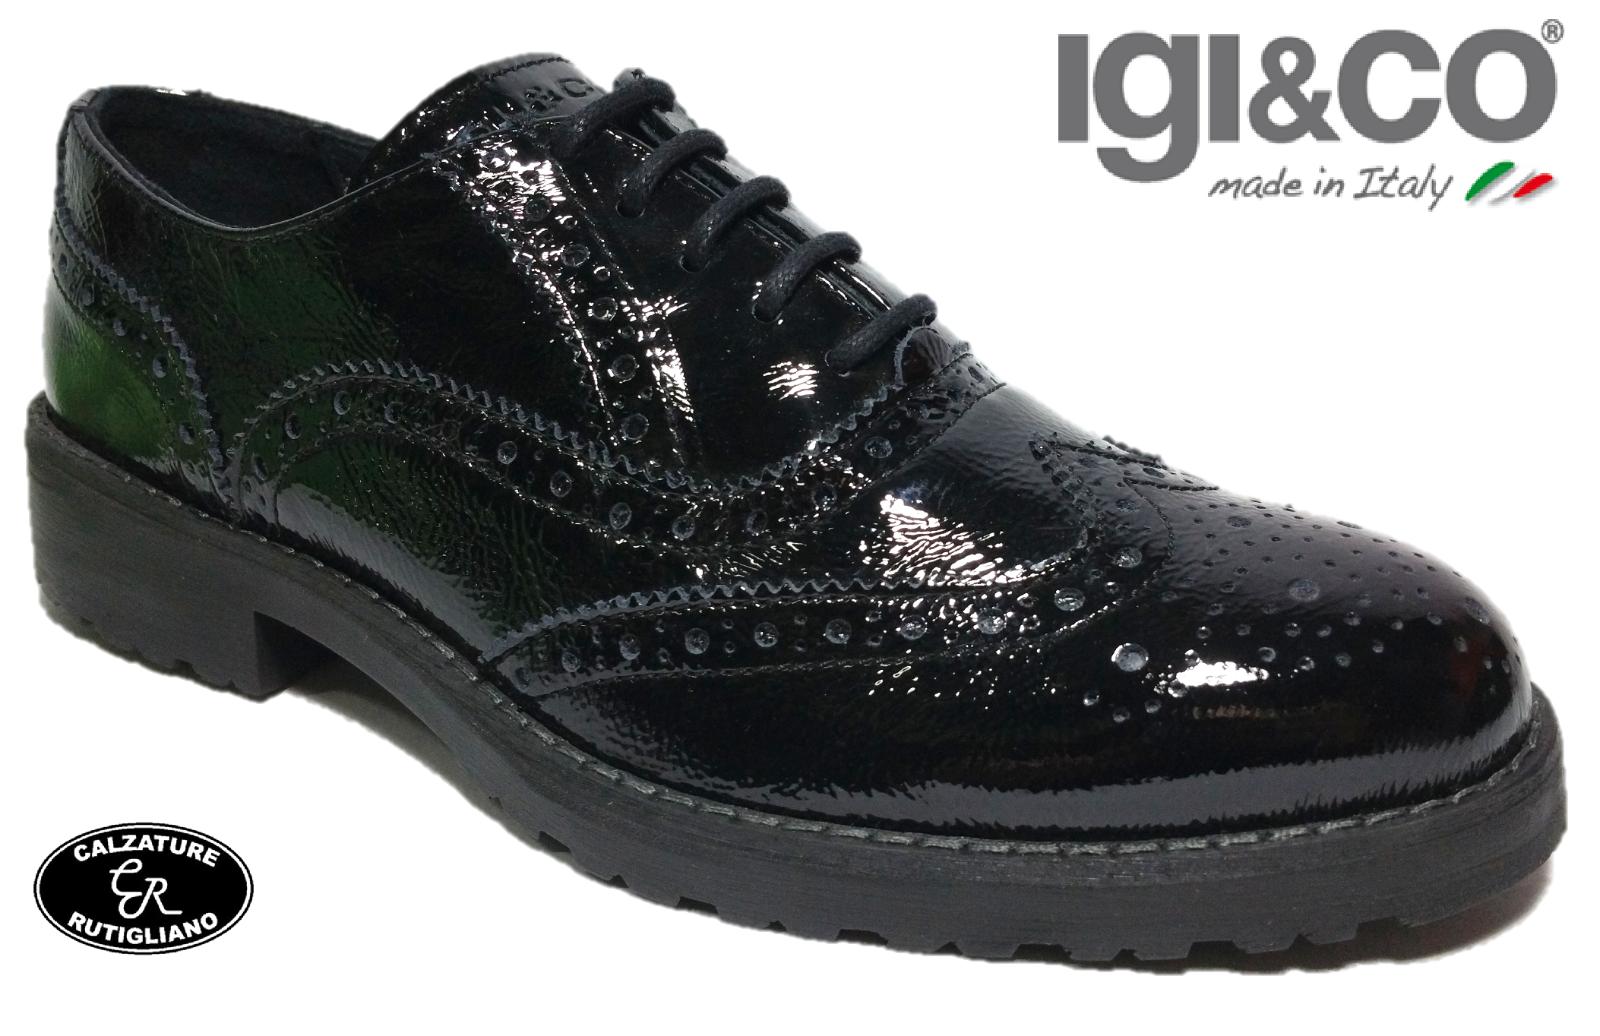 IGI&CO MADE IN ITALY SCARPE DONNA scarpe da ginnastica VERNICE NERO PLANTARE ESTRAIBILE-88082